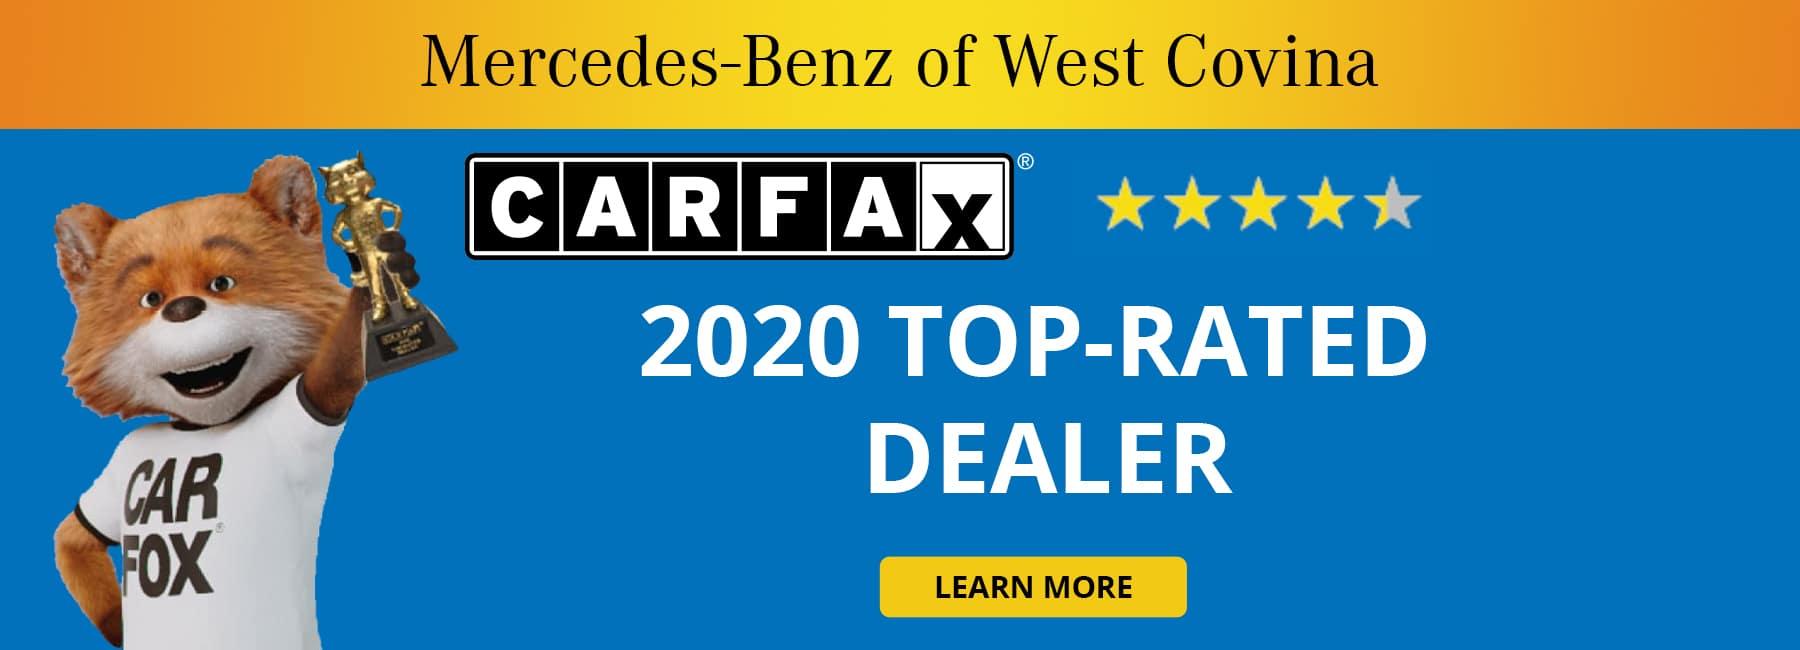 MBWC_HP_Top dealer